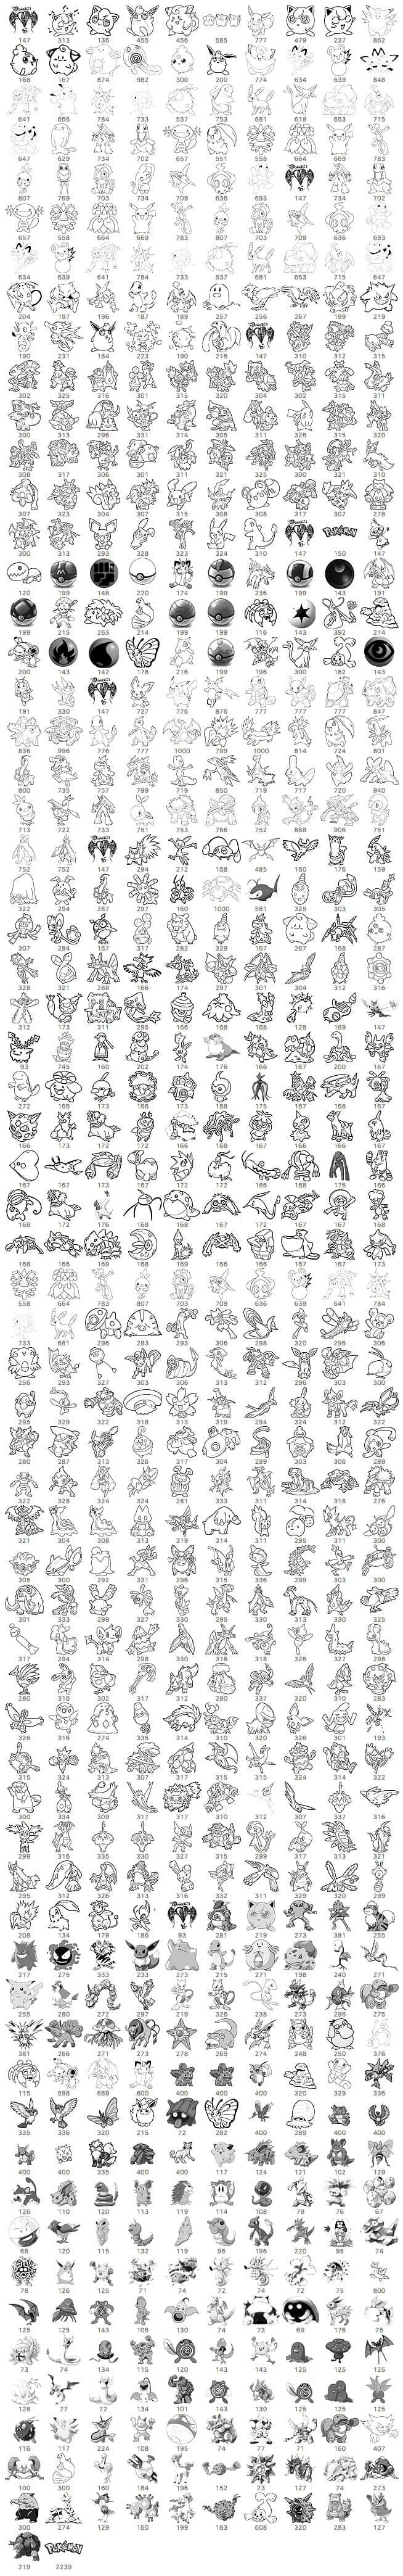 宠物小精灵(Pokemen GO)线框图形PS笔刷素材 线框笔刷 宠物小精灵笔刷 口袋妖怪素材笔刷 Pokemen笔刷  %e5%8d%a1%e9%80%9a%e7%ac%94%e5%88%b7